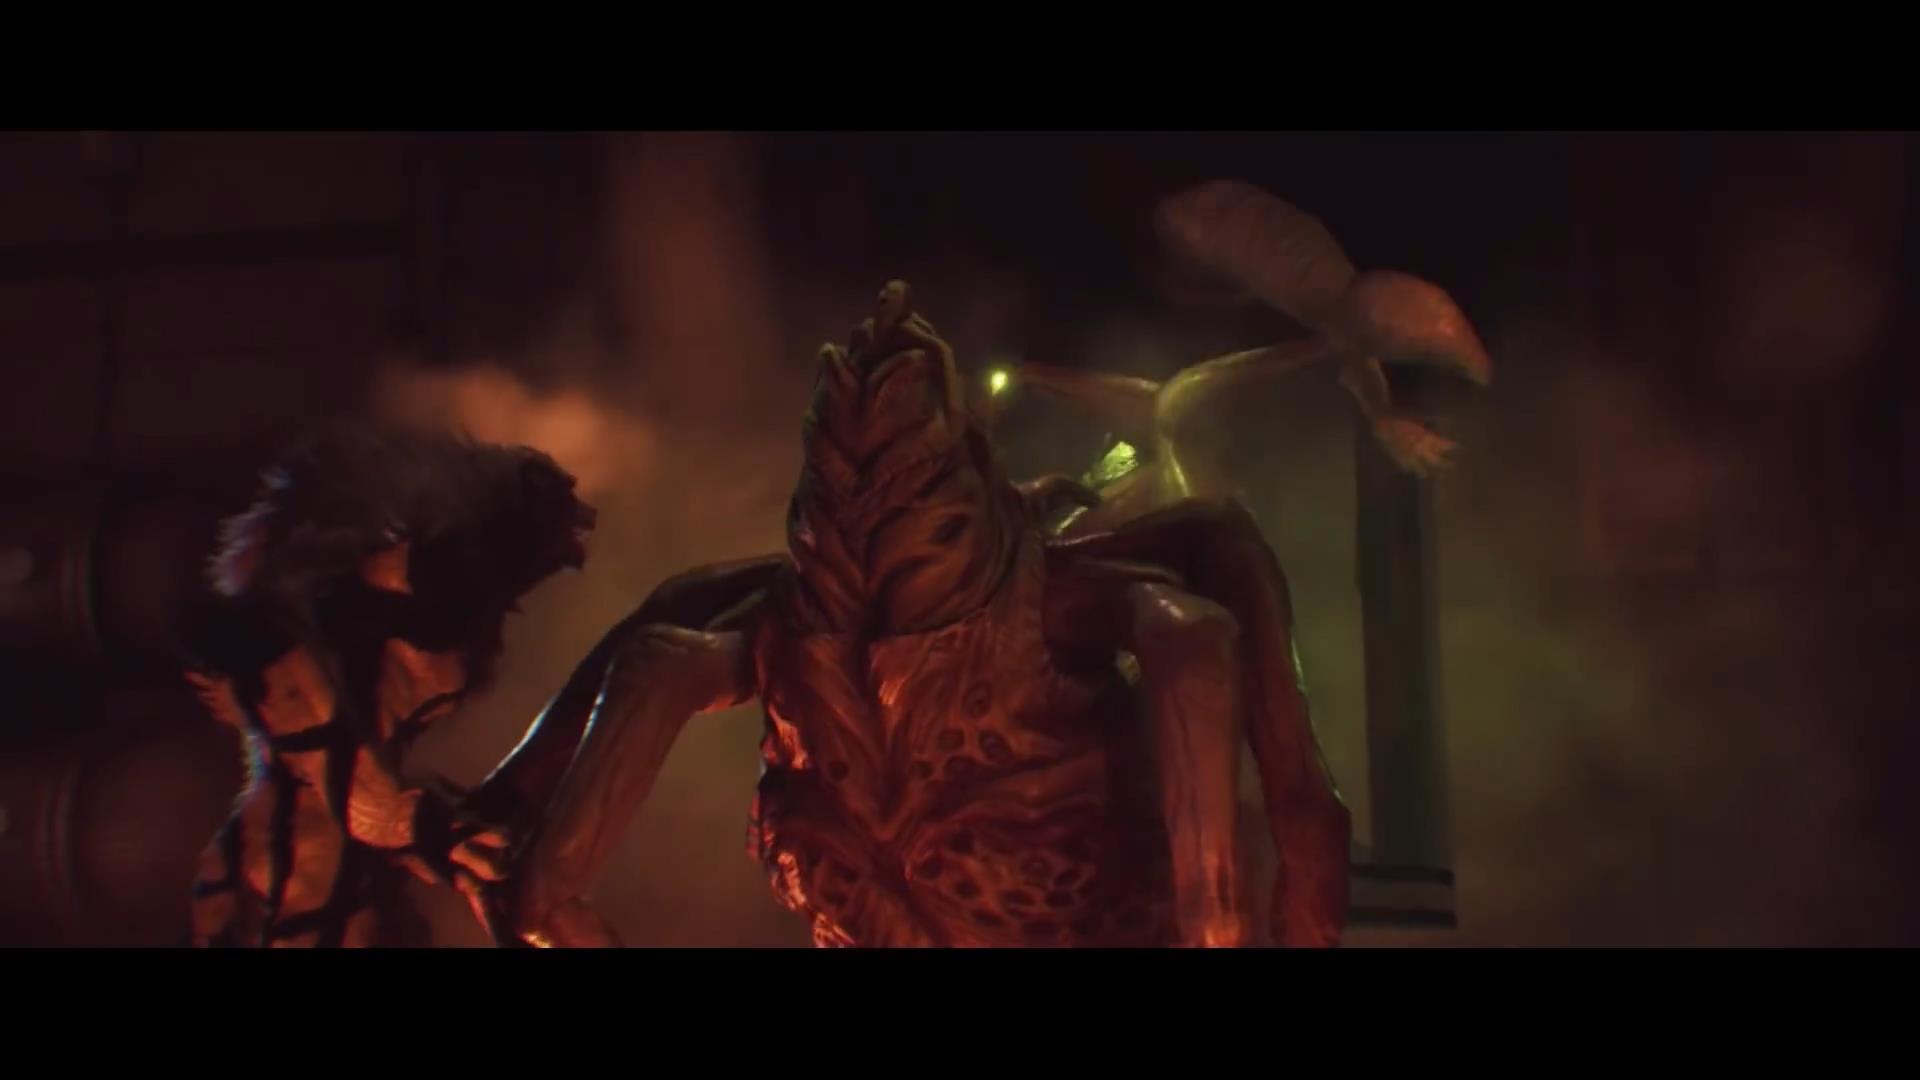 《狼人之末日怒吼》新实机预告 明年2月4日发售